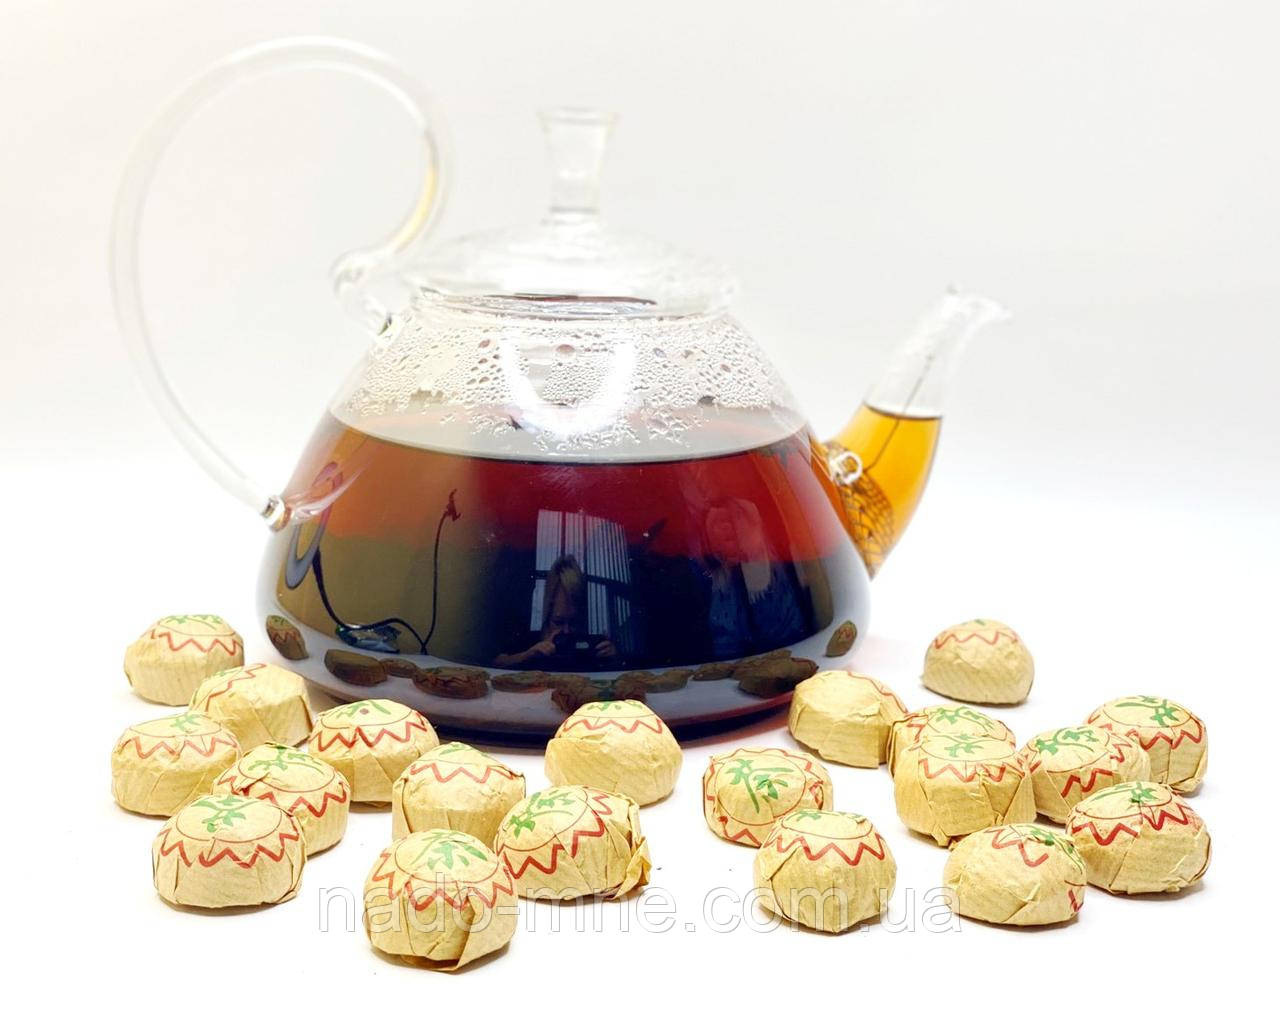 Чай Элитный Китайский Прессованный Шу Пуэр Мини То Ча, 5-7 г